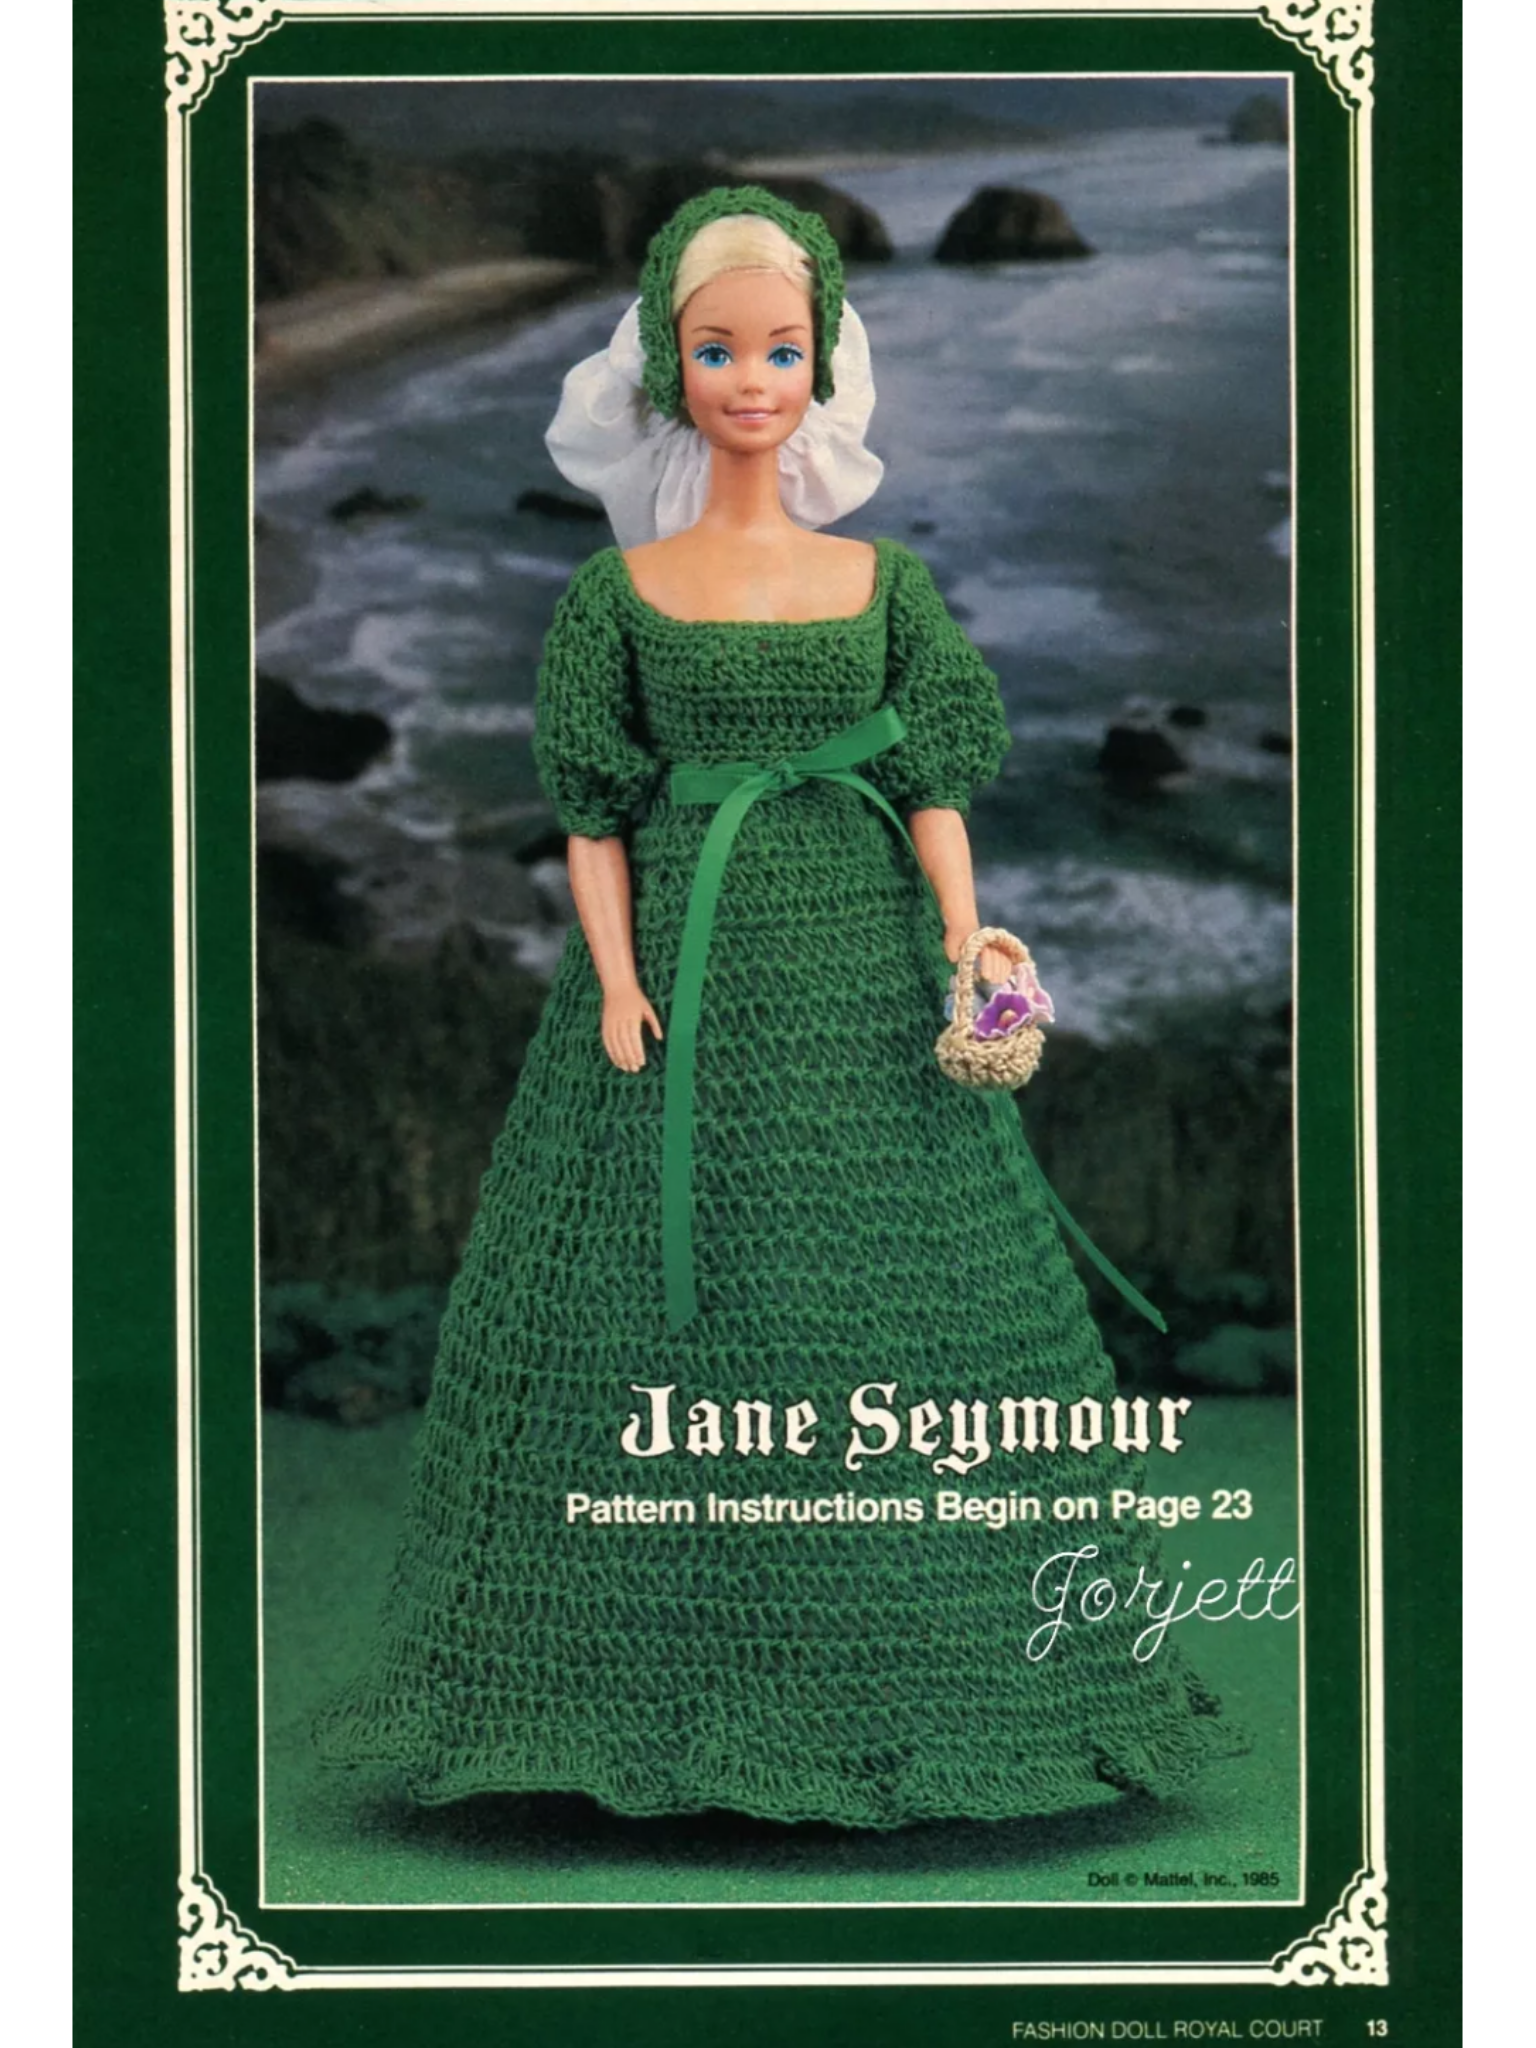 Pin von Candy auf Inspiration:crochet for barbie | Pinterest ...